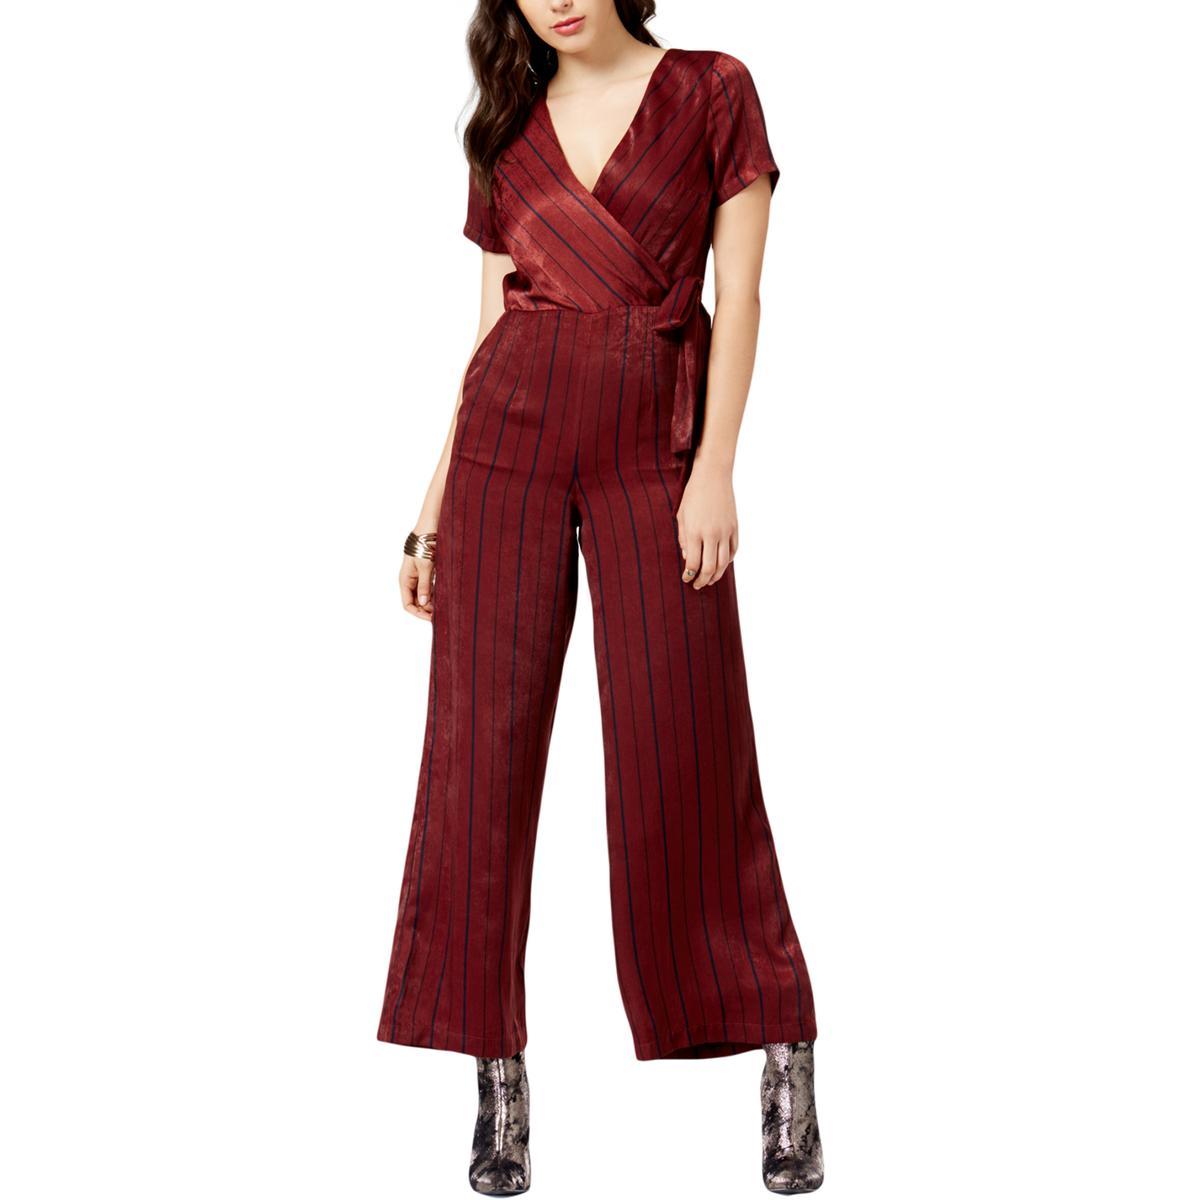 637102c921e1 Details about JOA Womens Red Striped Surplice Wide Leg Jumpsuit Juniors L  BHFO 0616